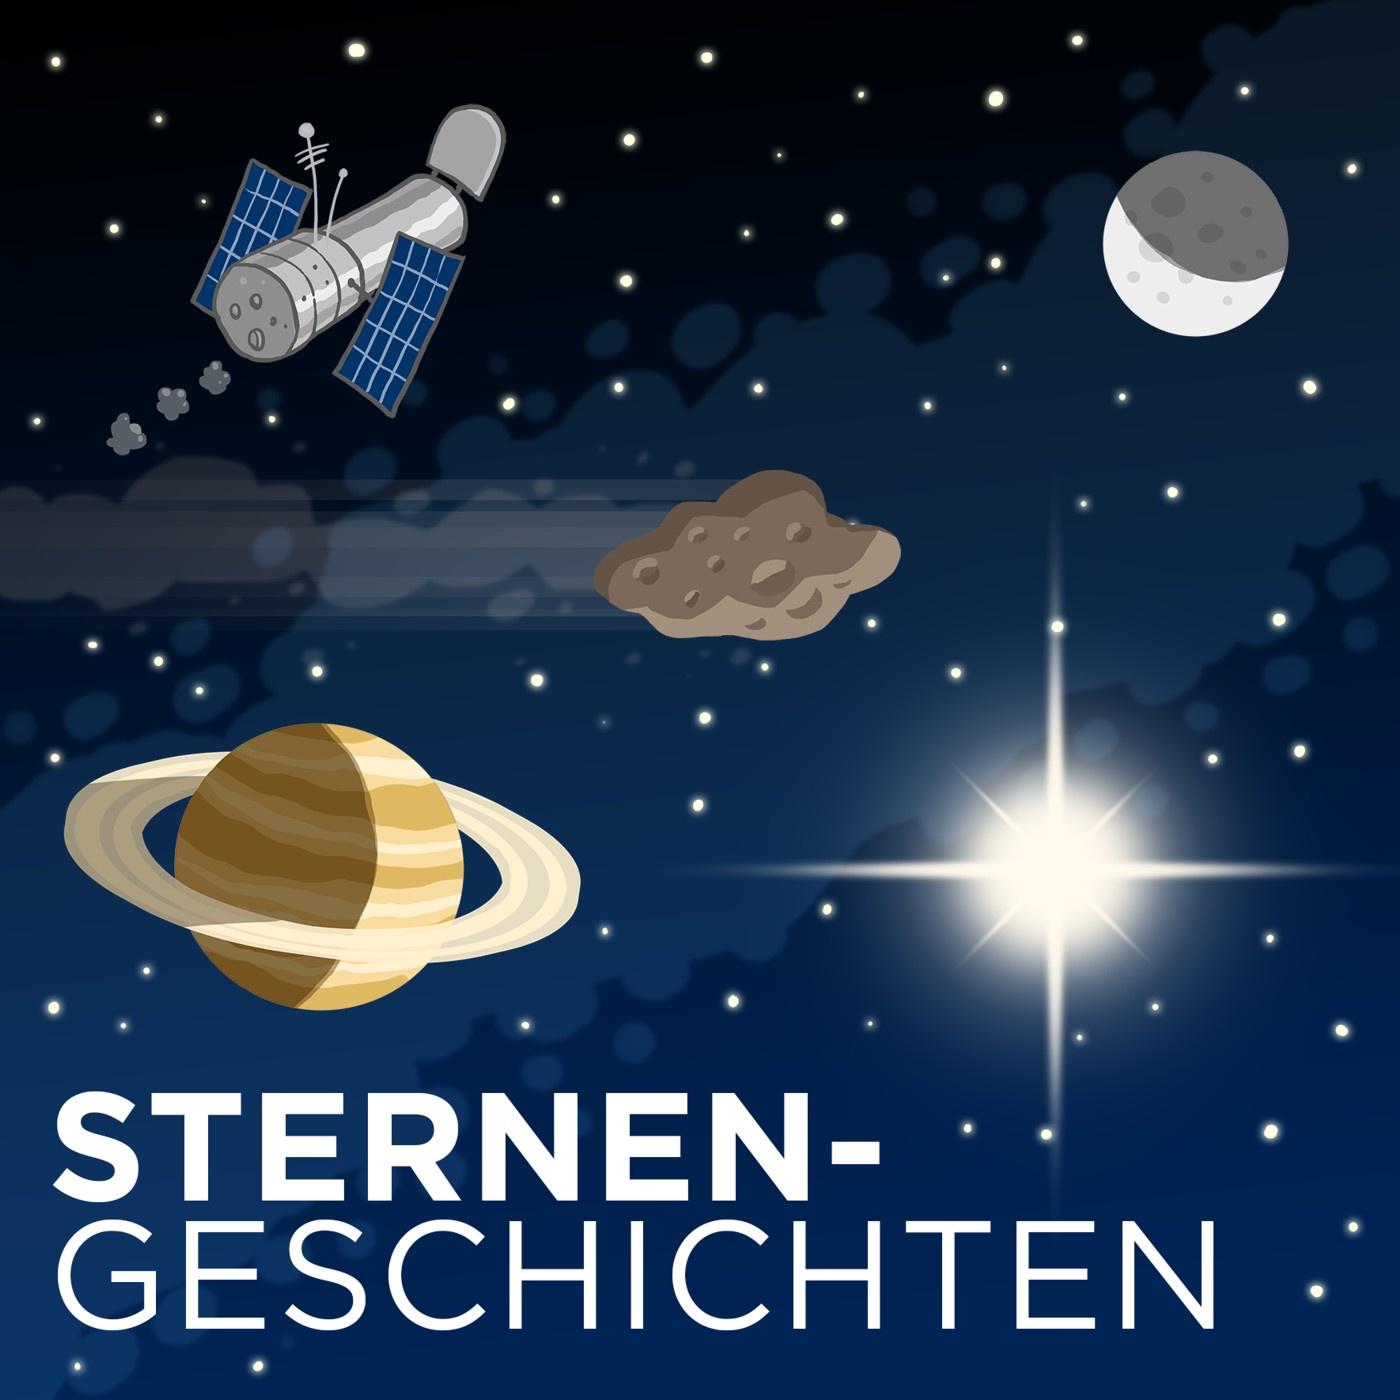 Sternengeschichten Folge 456: Der interstellare Komet Borisov